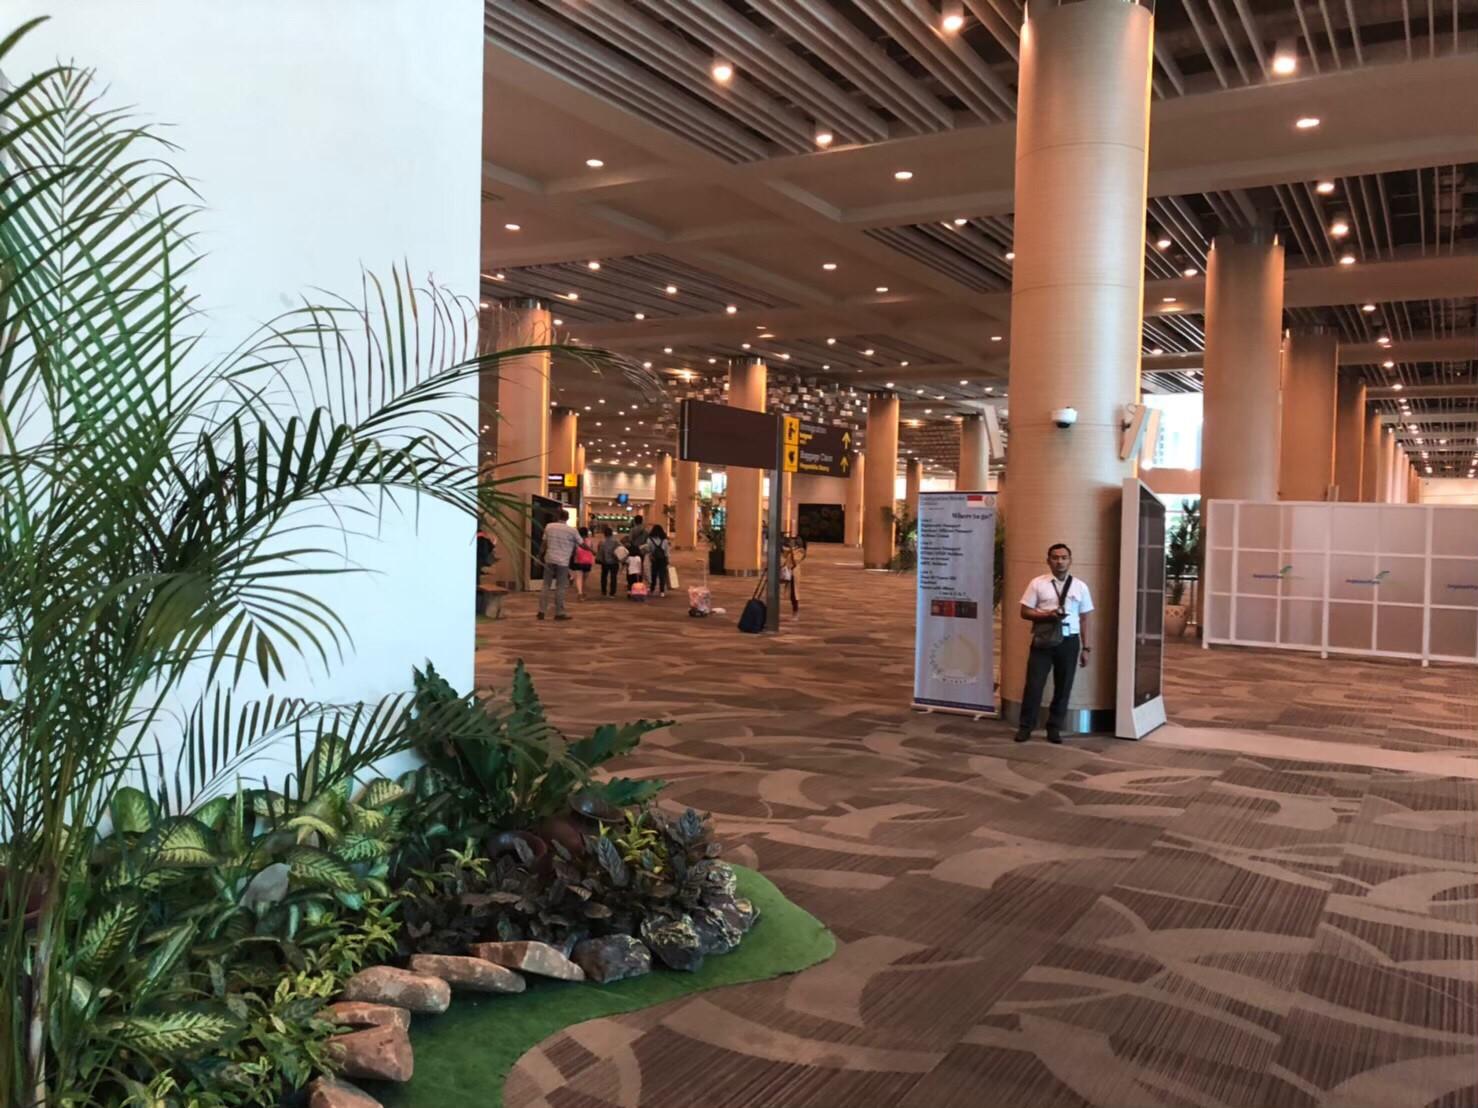 バリ島旅行記 ングラ・ライ国際空港